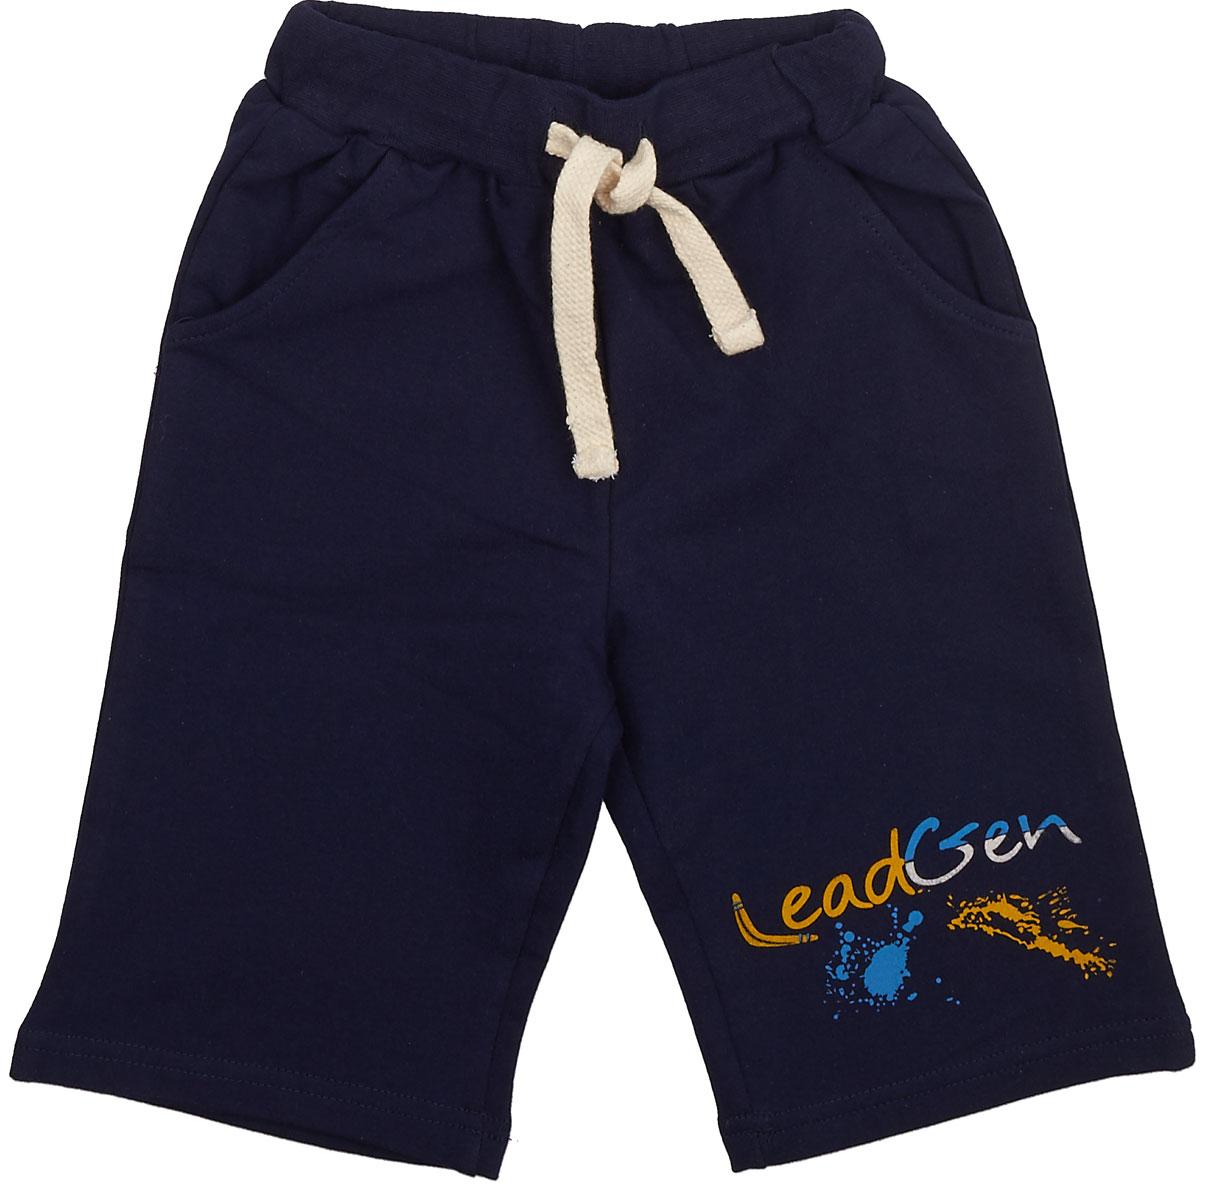 Шорты для мальчика LeadGen, цвет: темно-синий. B612046503-171. Размер 116B612046503-171Шорты для мальчика LeadGen выполнены из хлопкового трикотажа. Модель стандартной посадки с карманами на талии дополнена эластичной резинки со шнурком.